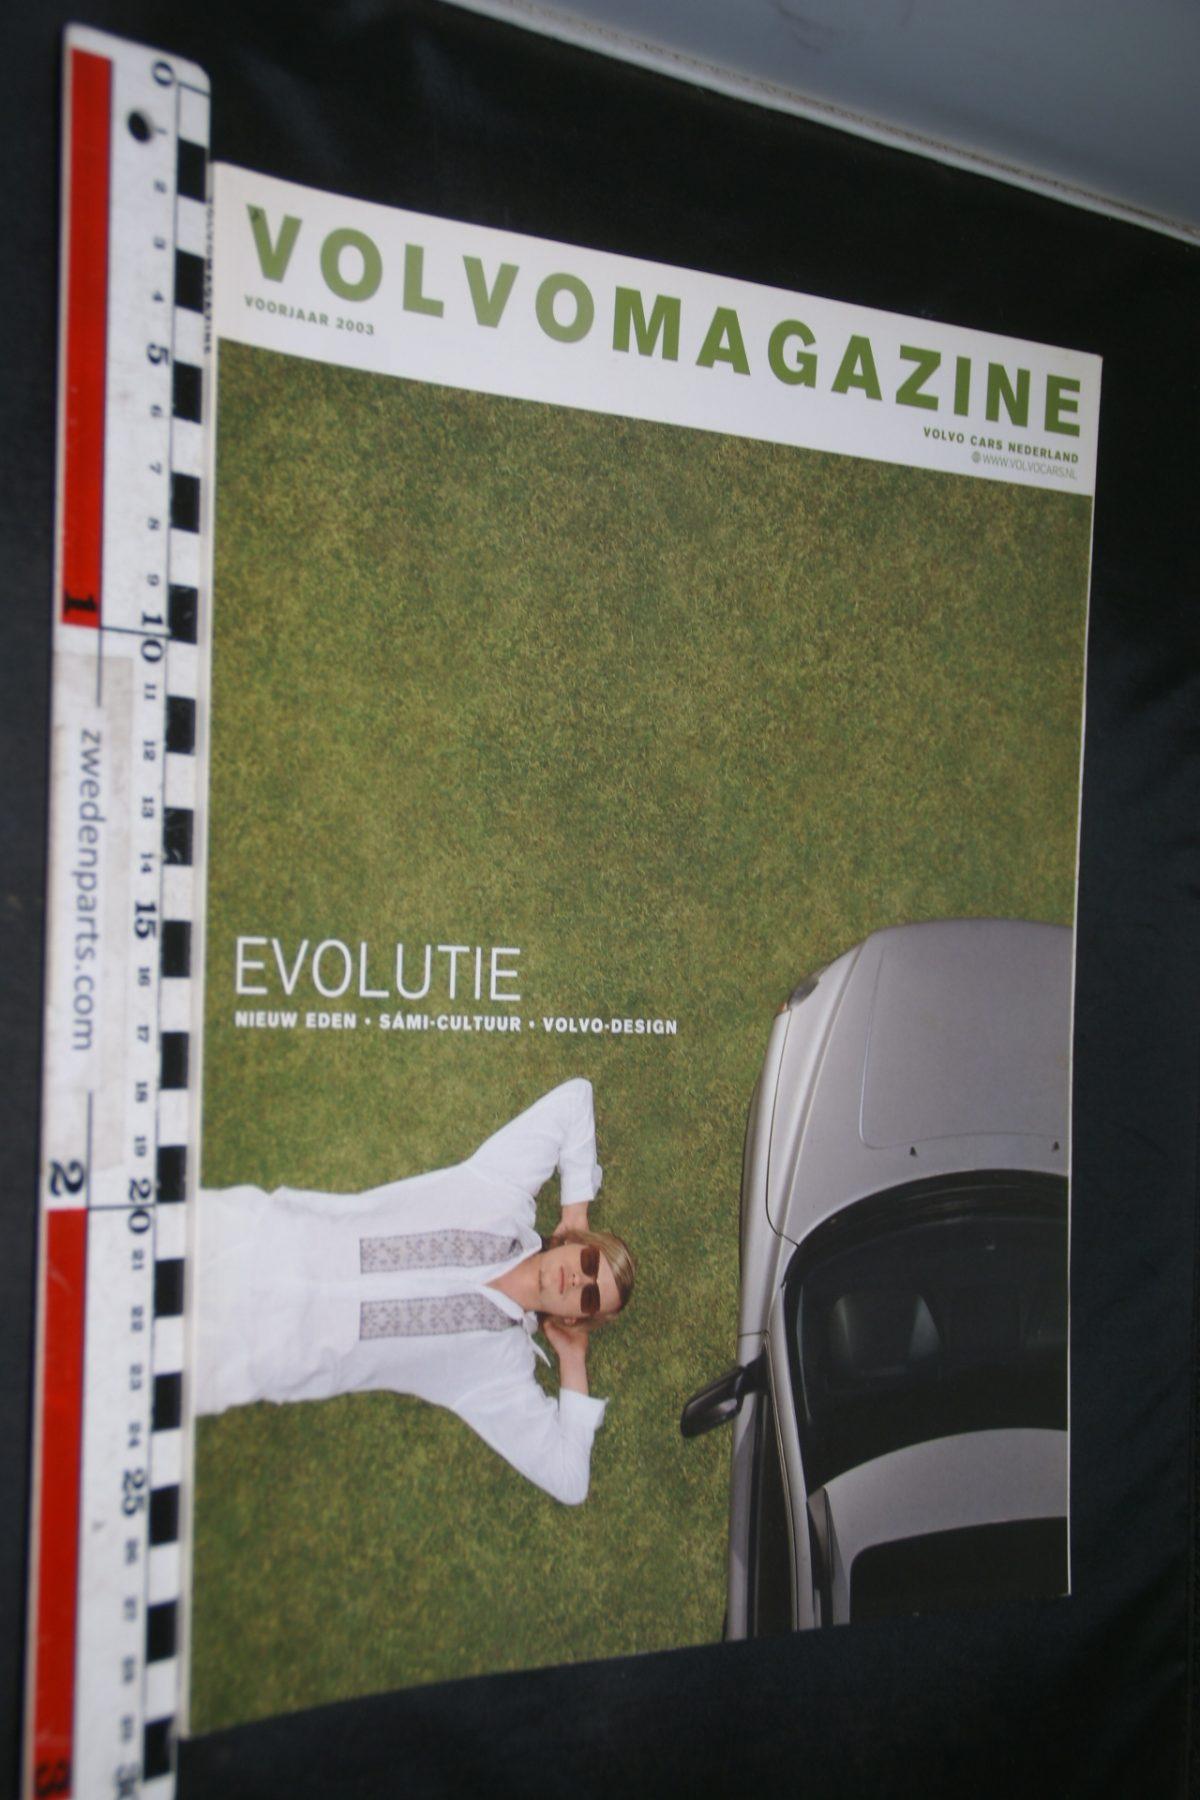 DSC04200 2003 voorjaar tijdschrift Volvomagazine evolutie